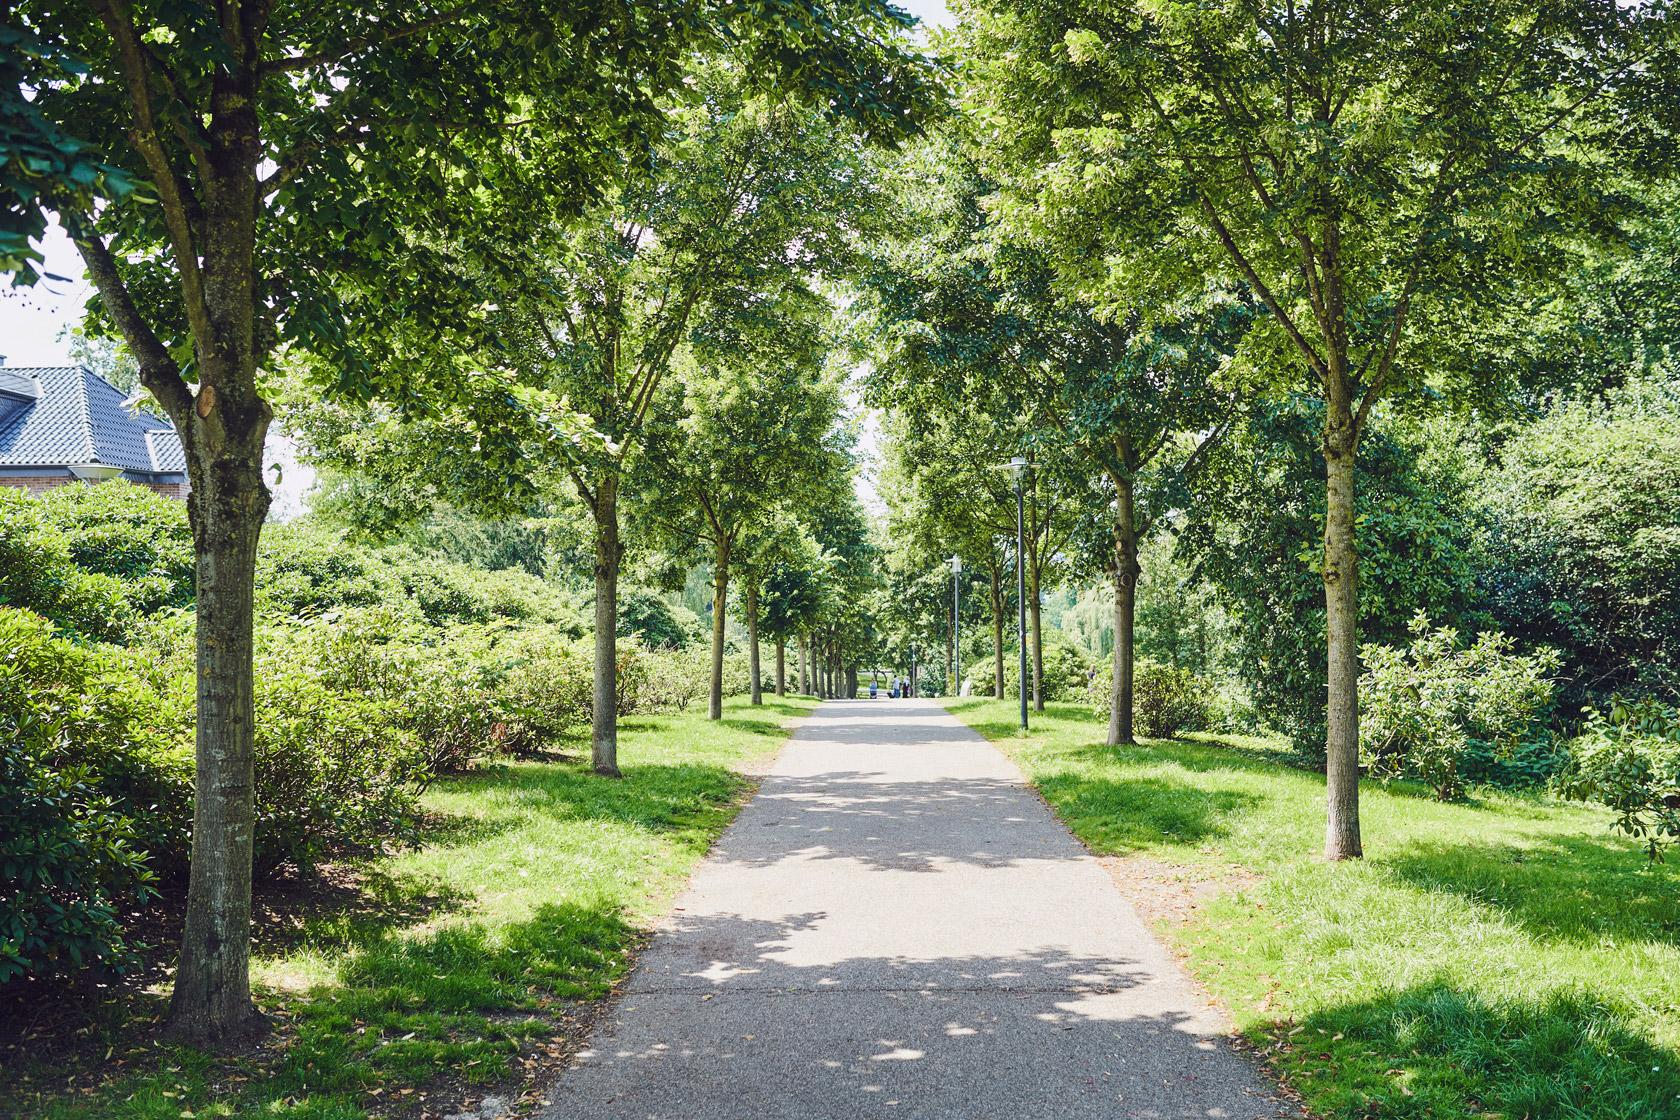 Weg mit seitlich angelegten Grünflächen